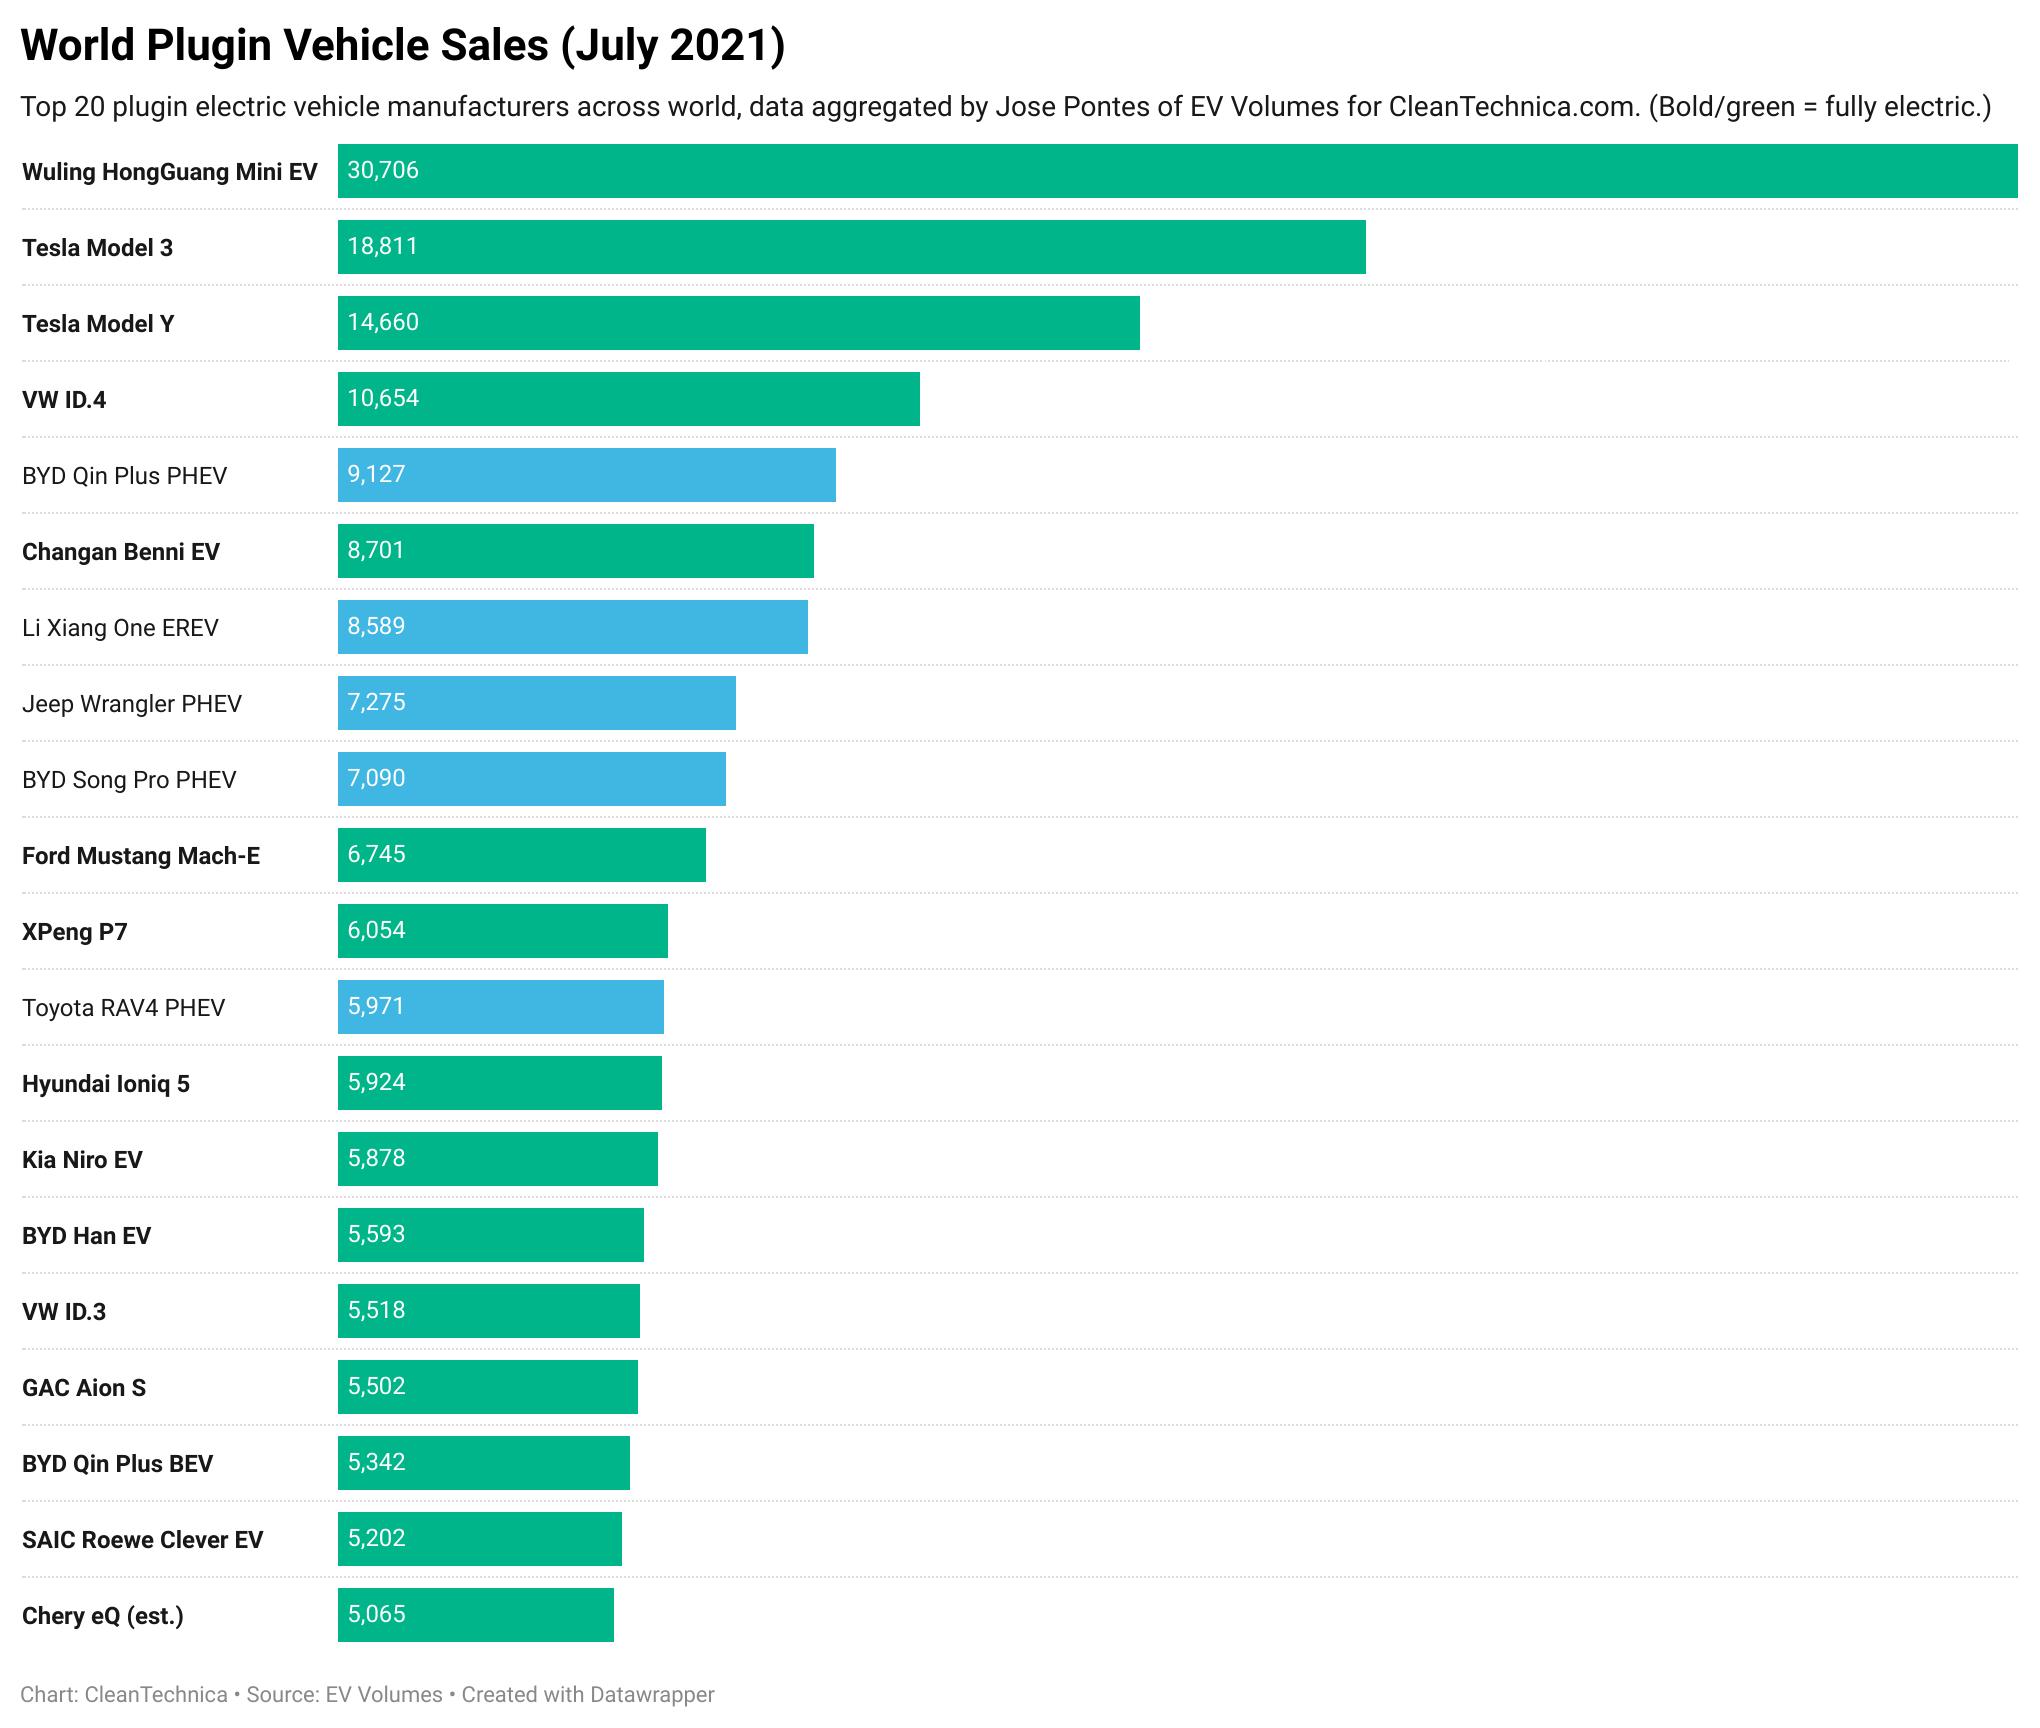 超越特斯拉 比亚迪重返全球新能源单月品牌销量榜首